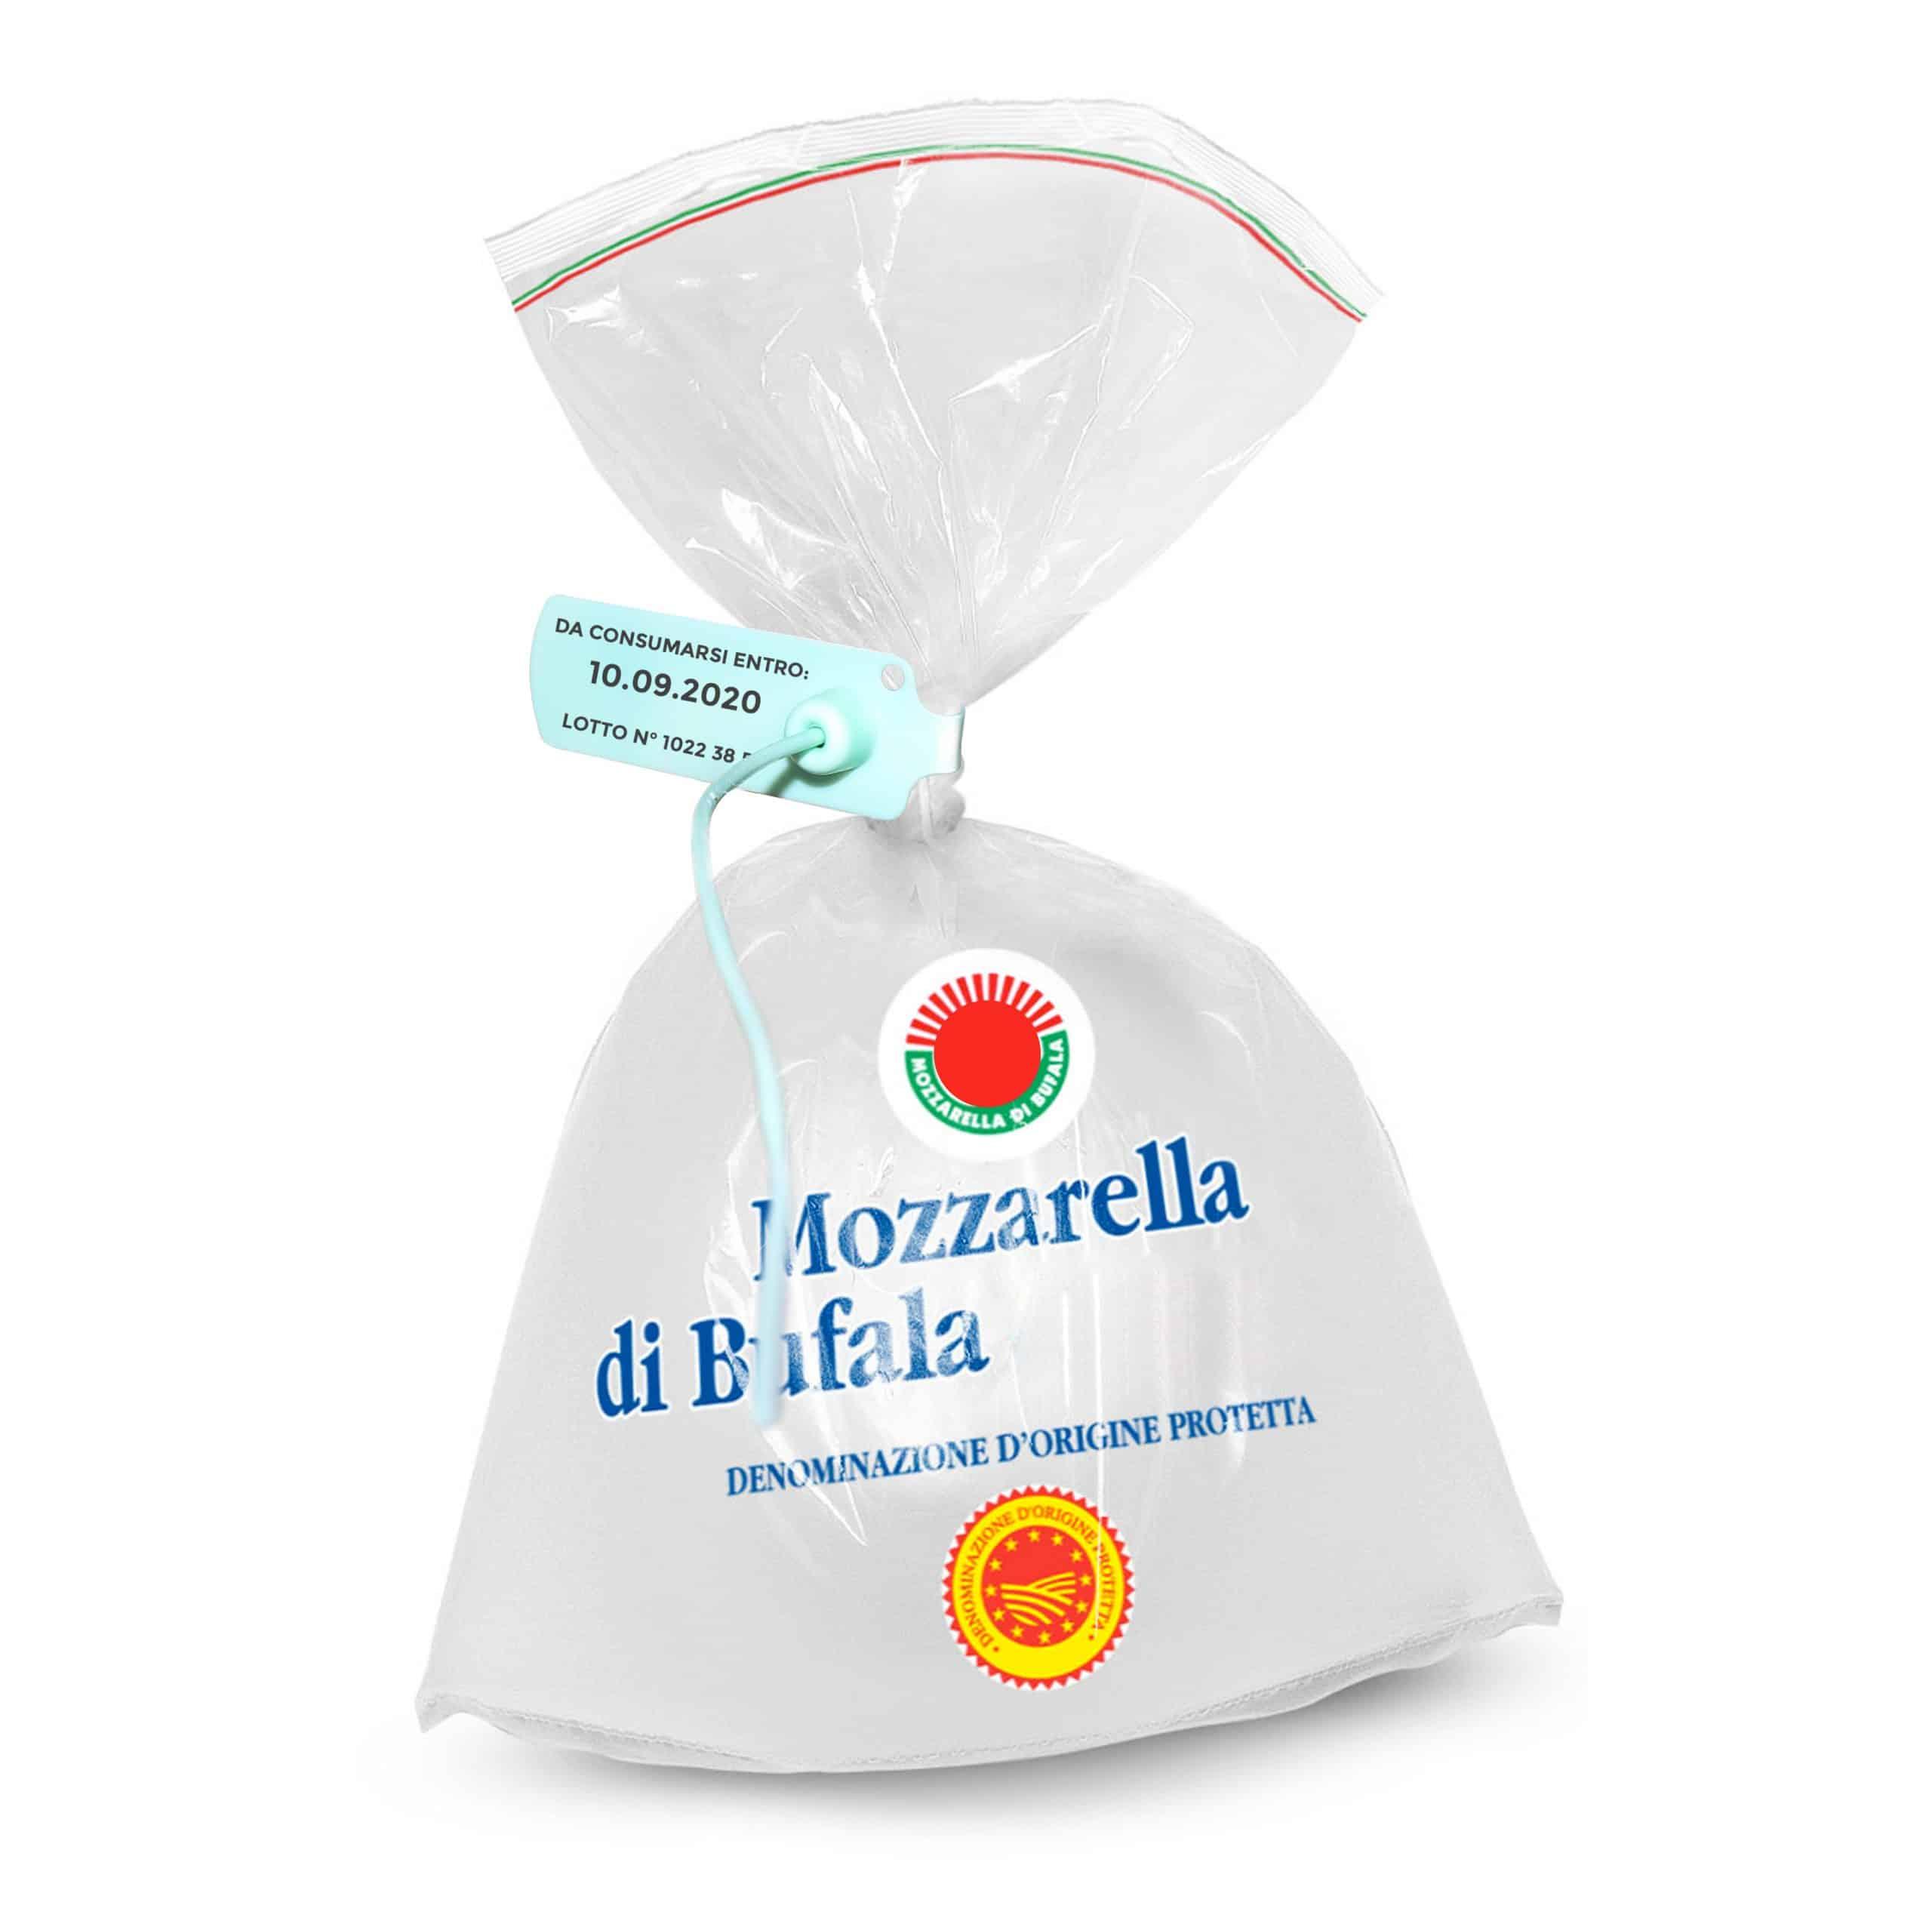 Ares applicazione gdo industria alimentare mozzarella sigillo